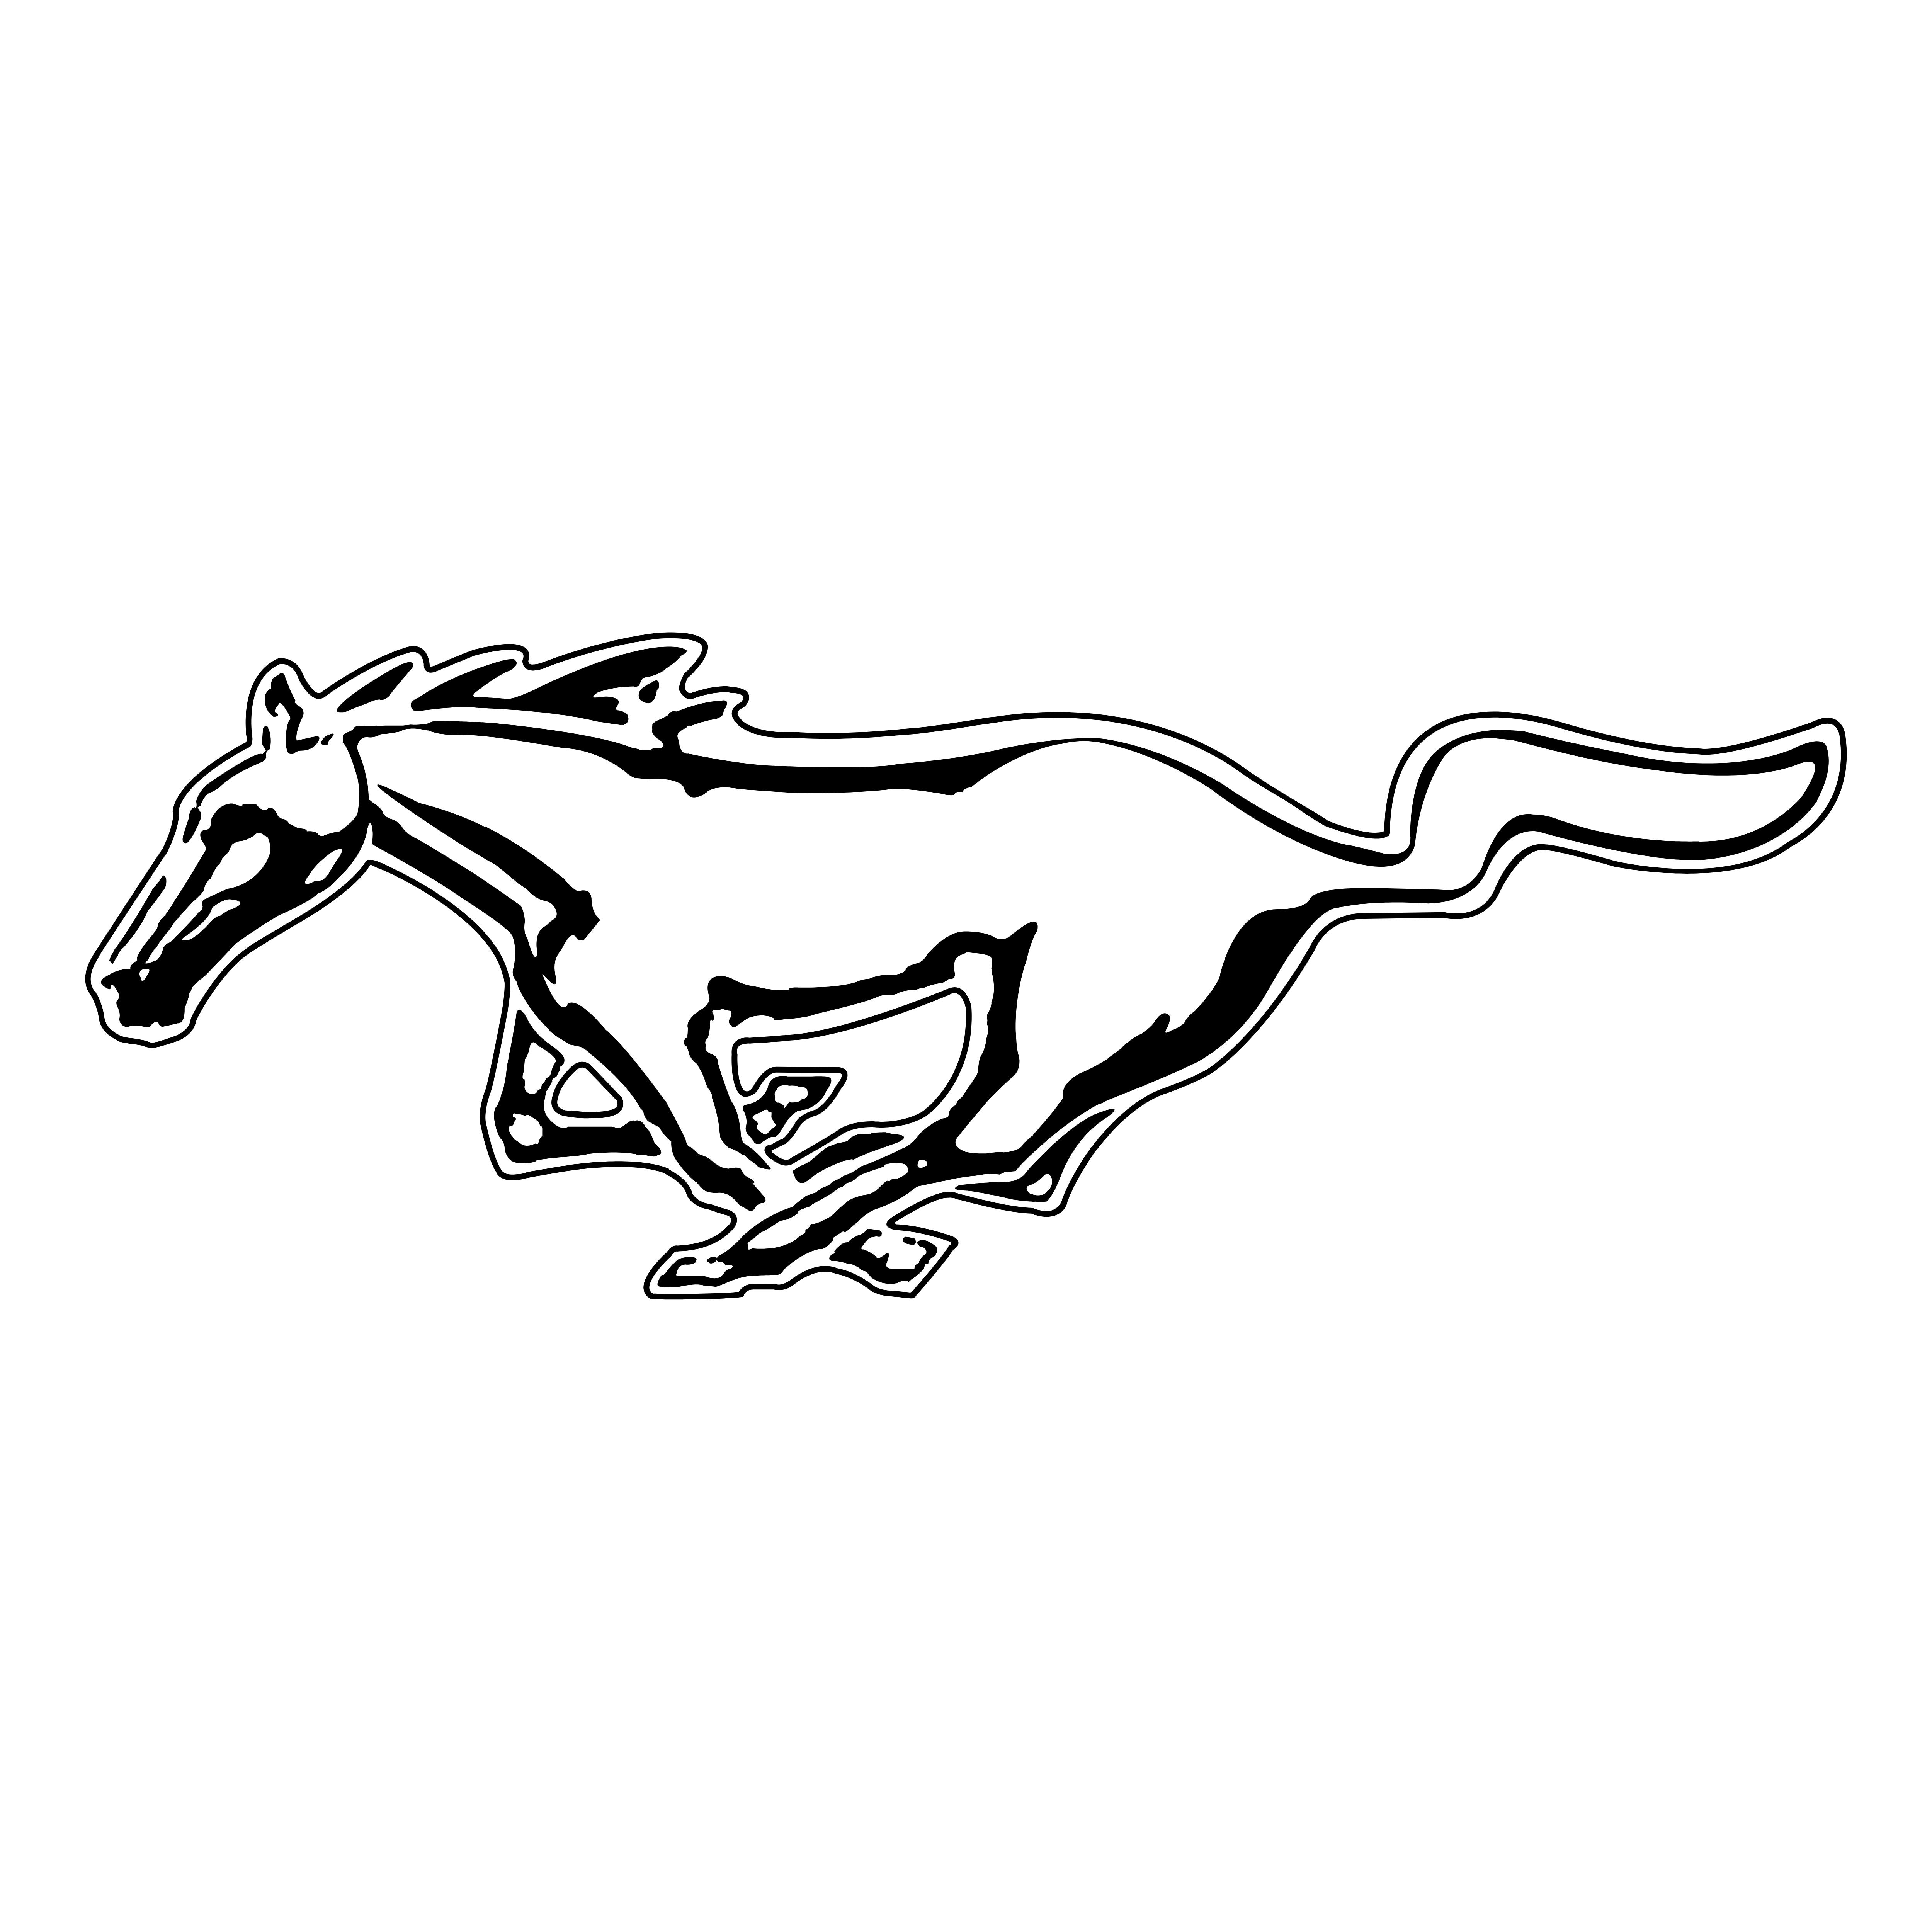 Mustang Logos Download